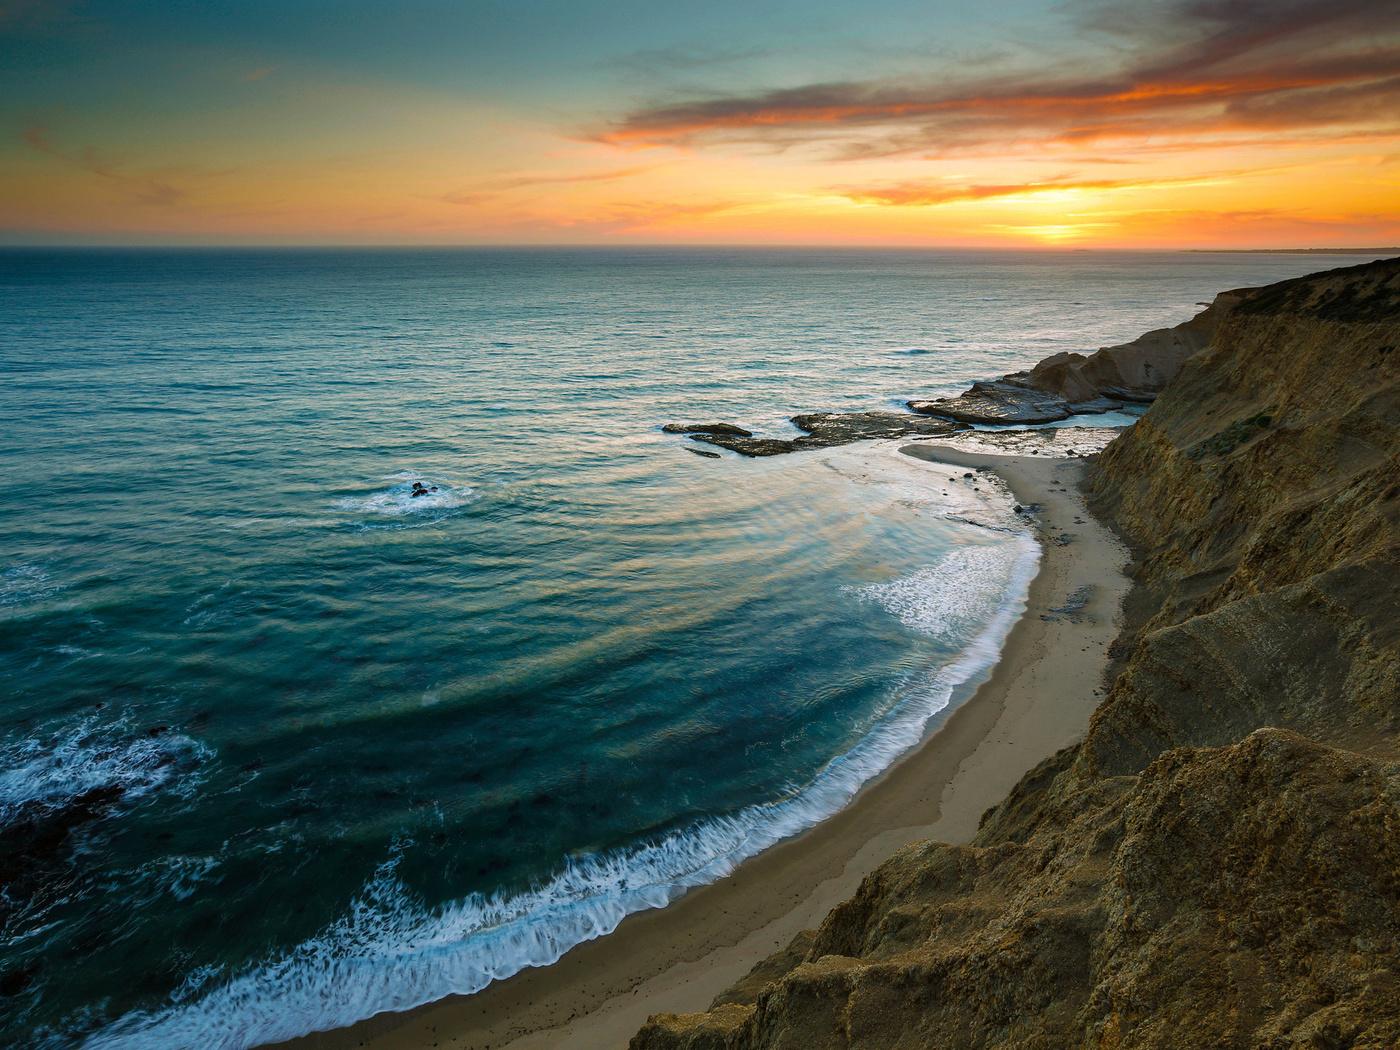 скалы, волны, небо, пляж, Море, закат, берег